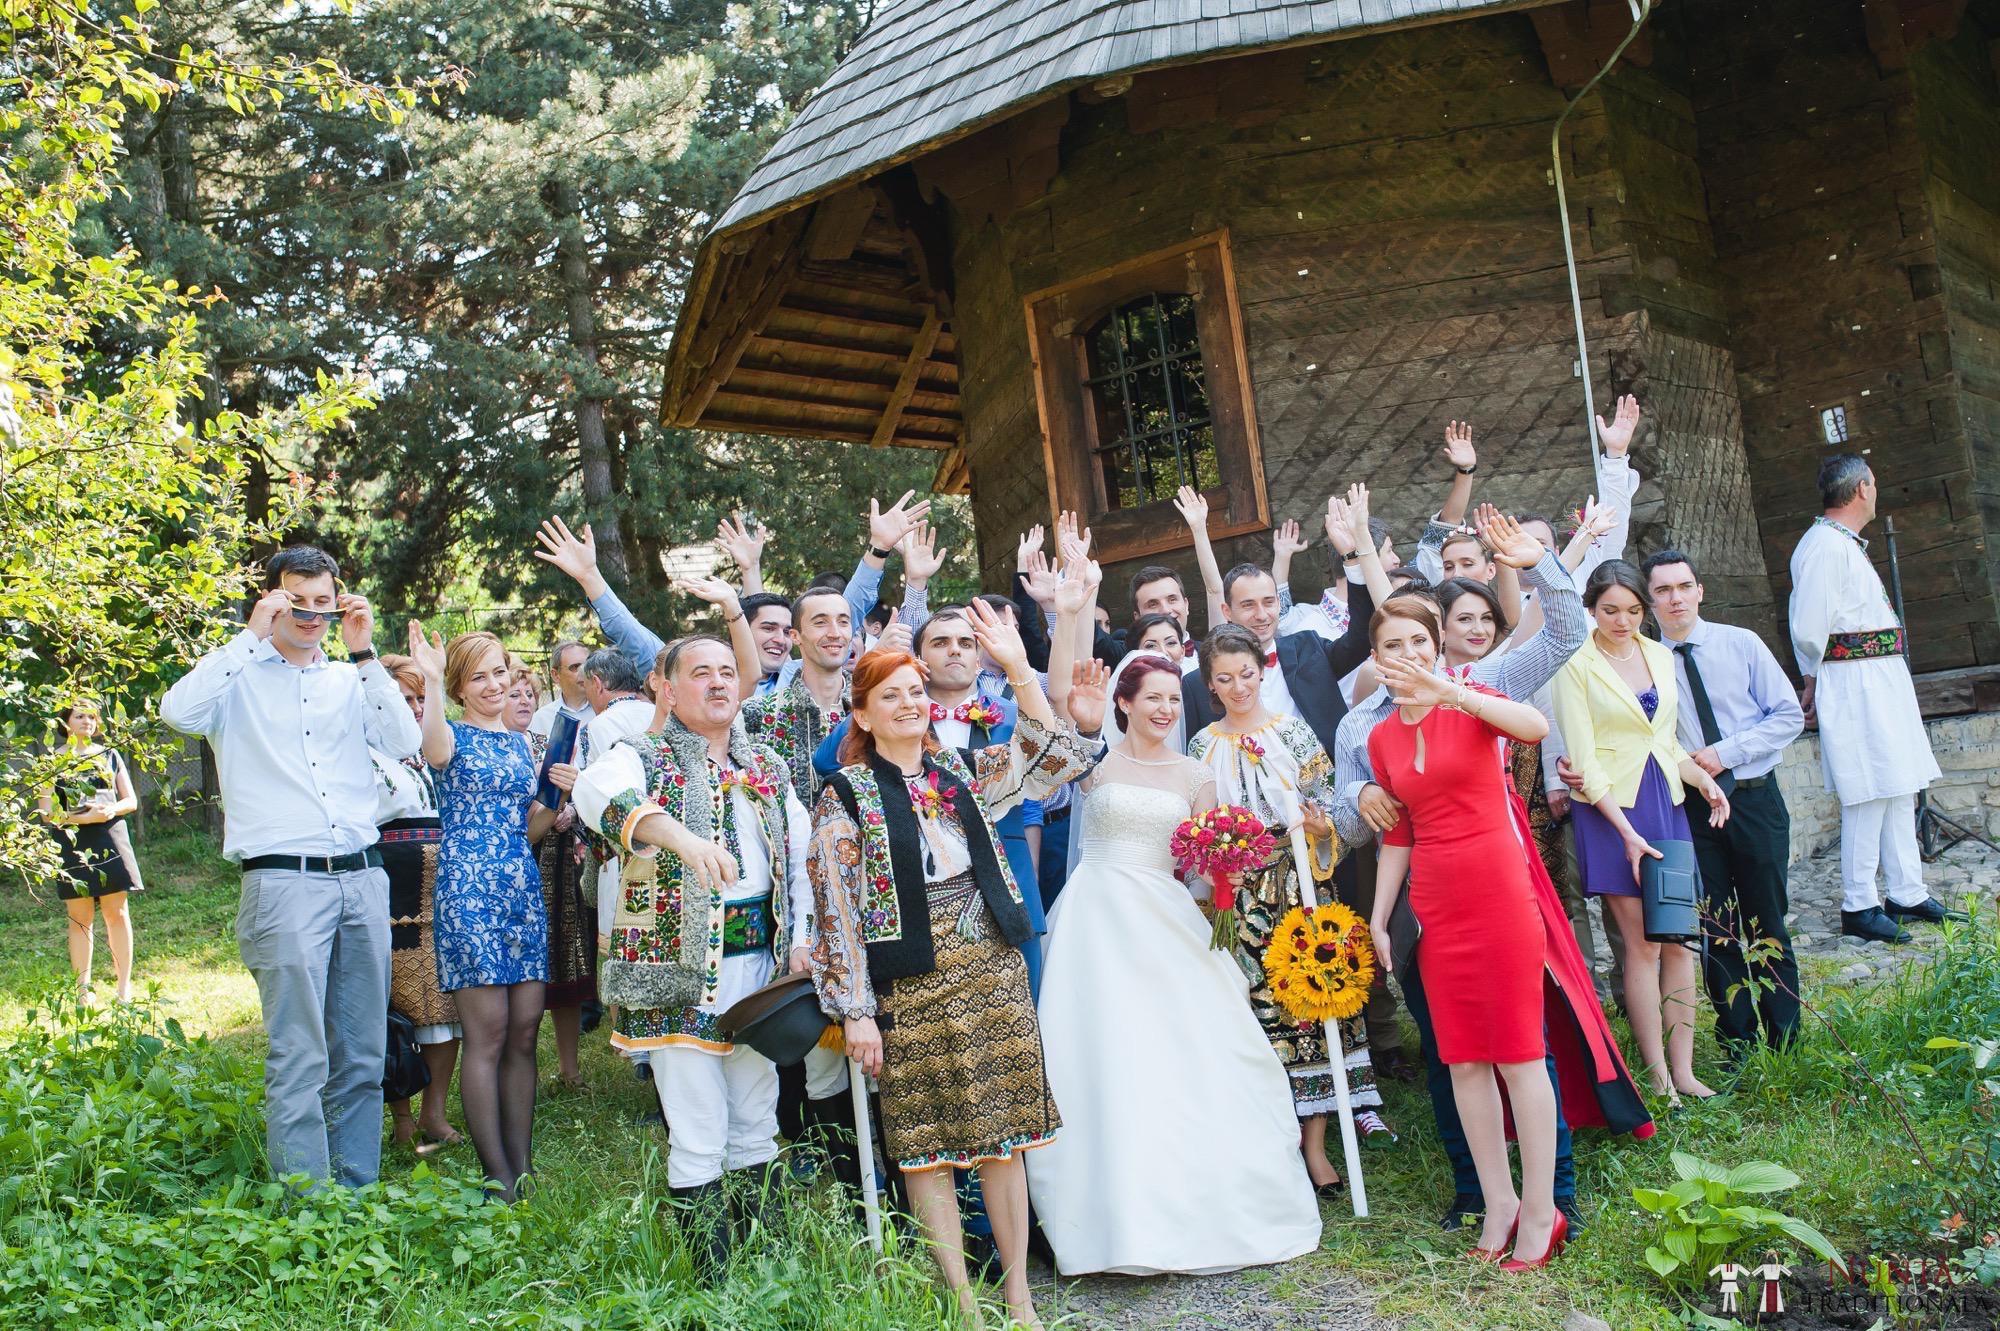 Povești Nunți Tradiționale - Gabriela și Mădălin - Nuntă Tradițională în Suceava, Bucovina 56